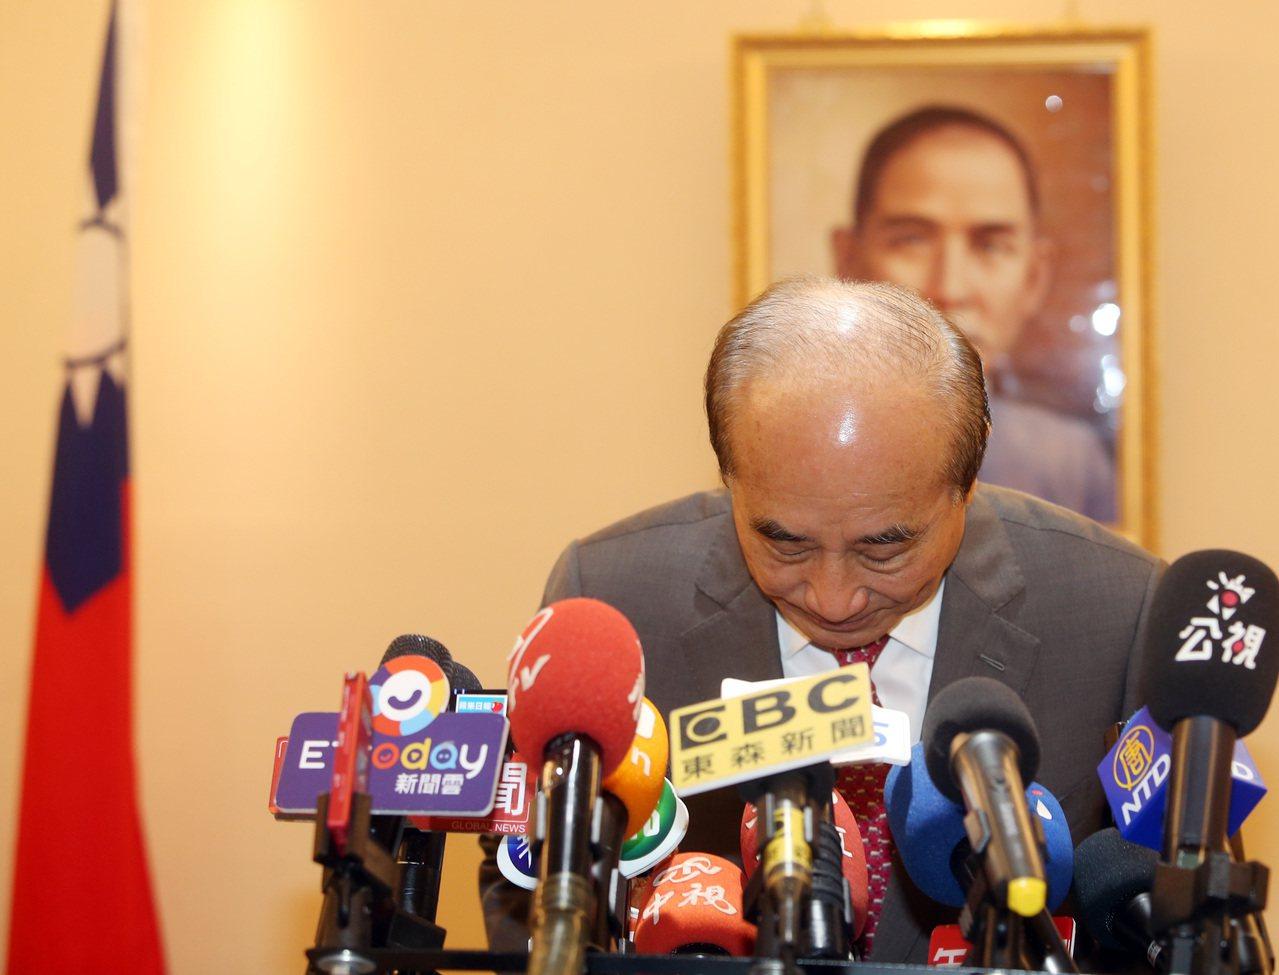 国民党立委、立法院前院长王金平上午临时举行记者会, 他表示很遗憾,在参选总统的路...